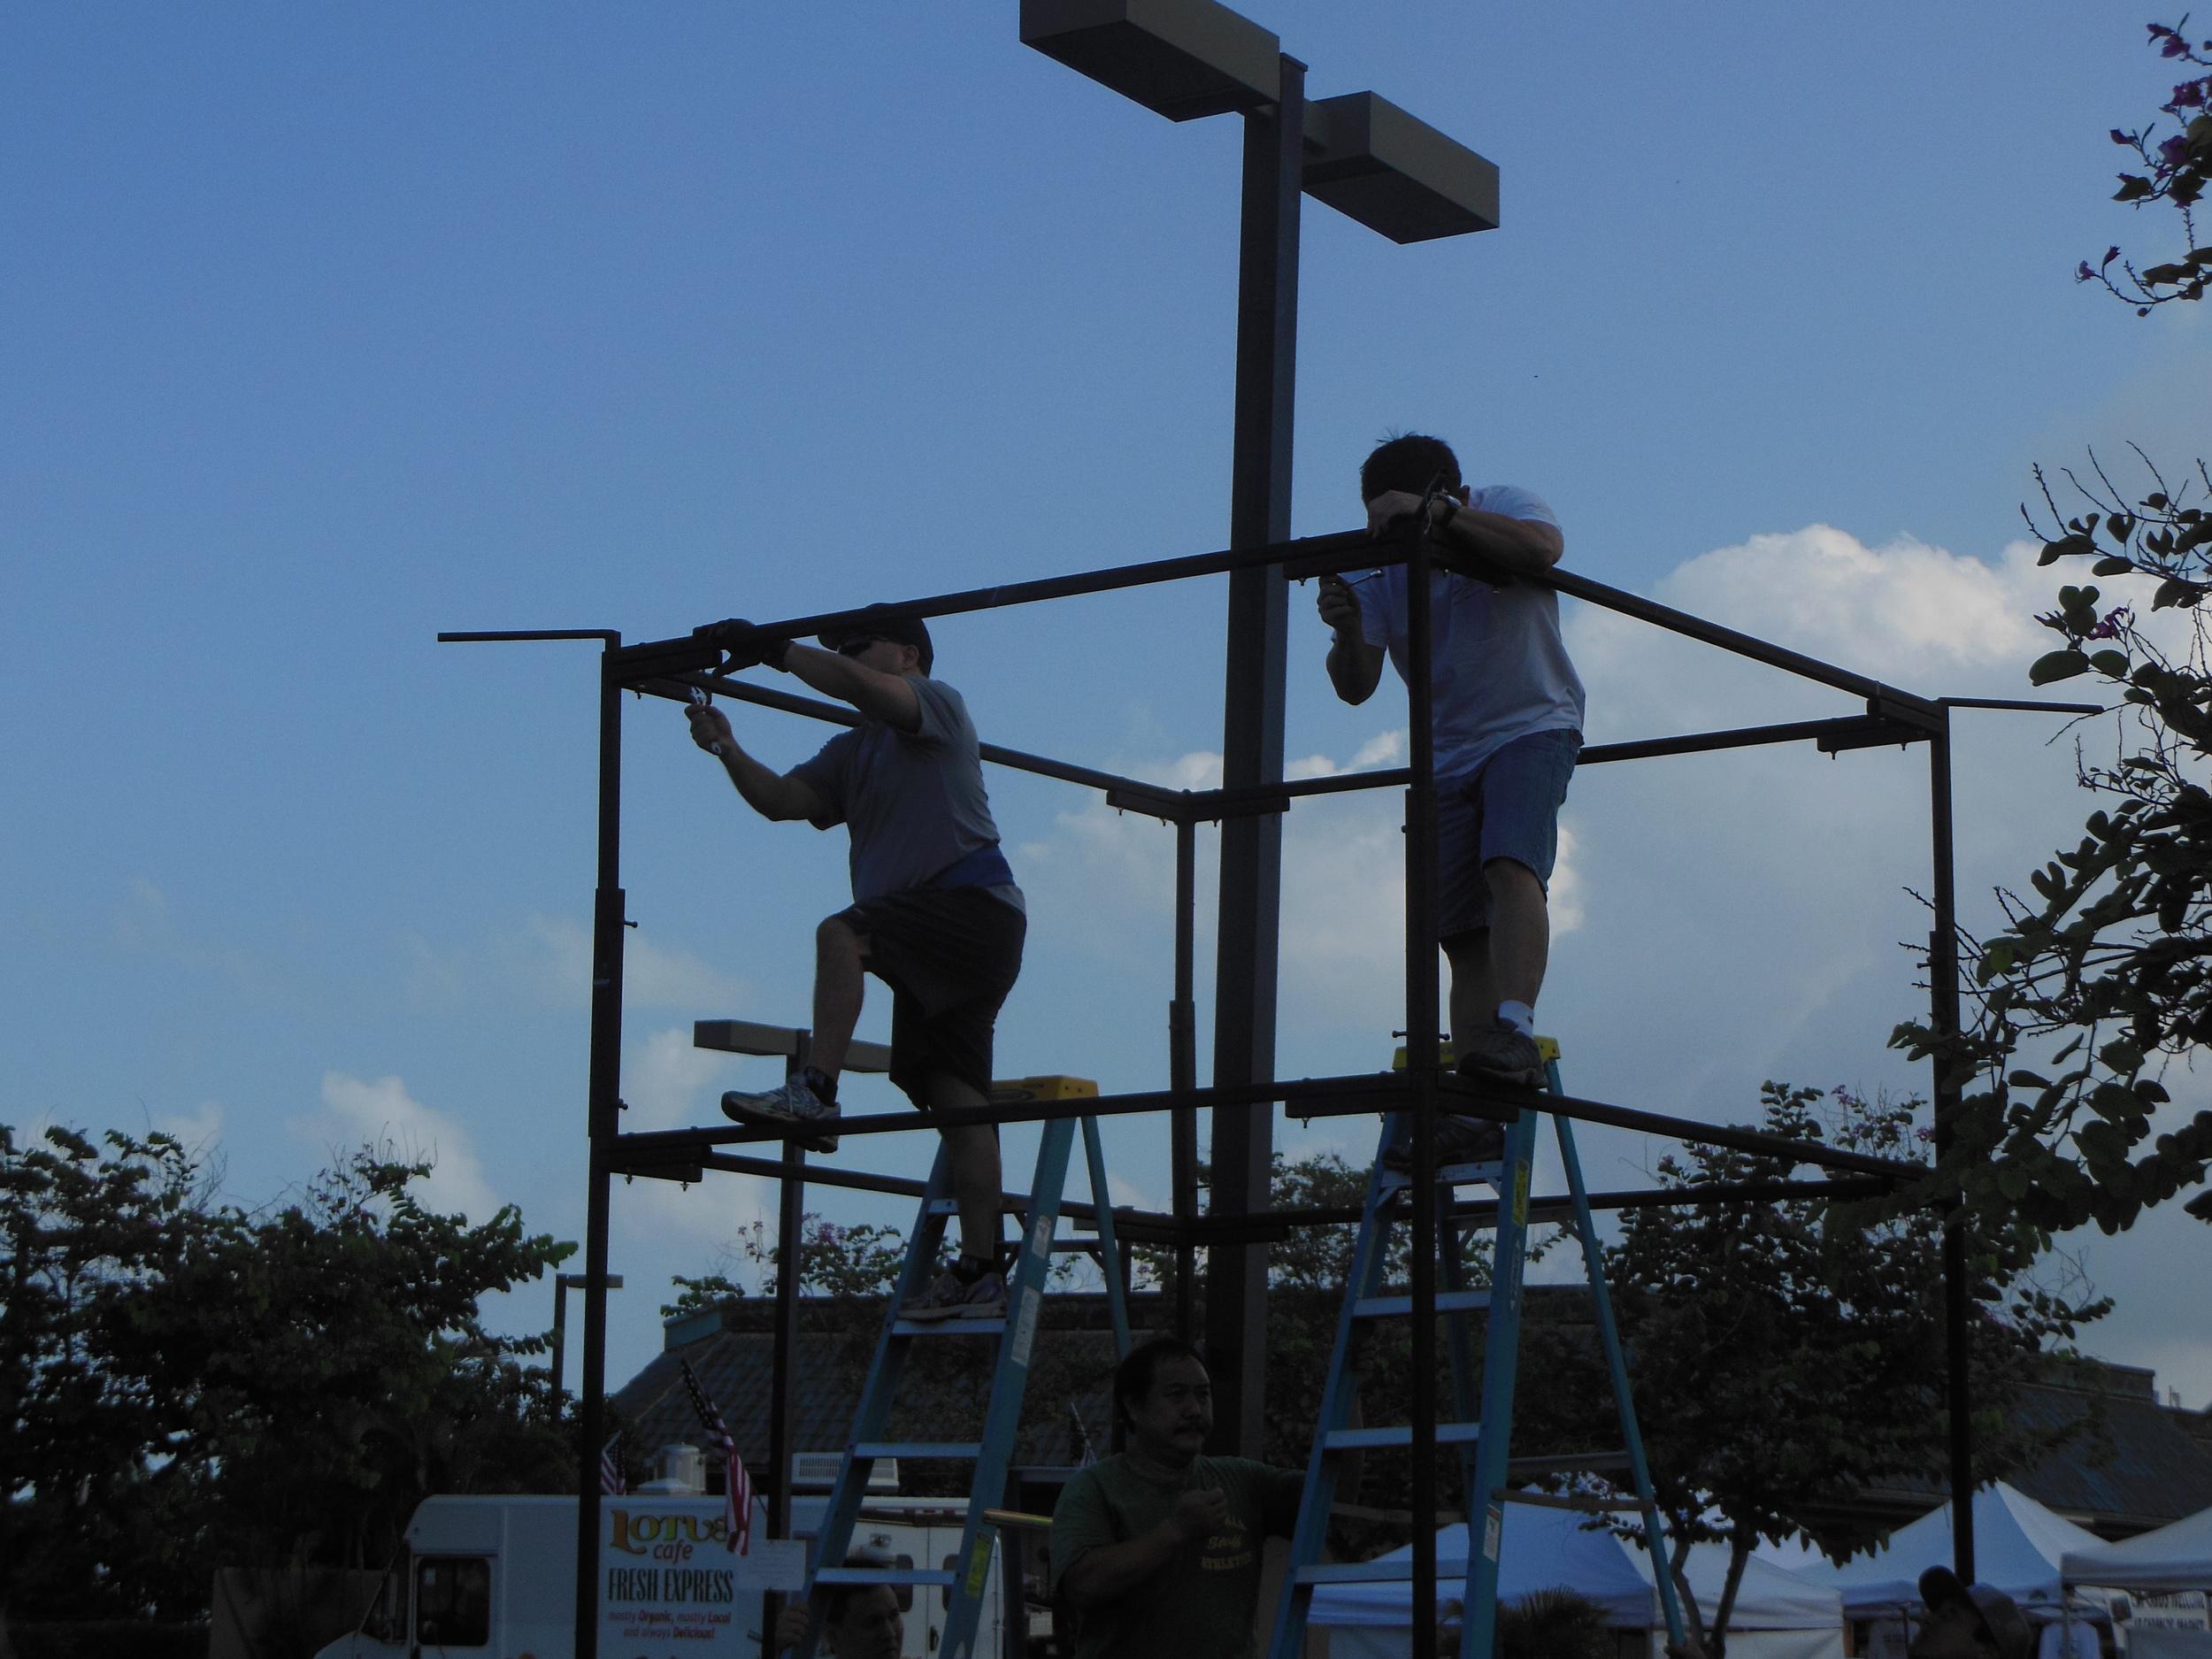 Members of the Kona Hongwanji Shinwakai help put together the yagura.